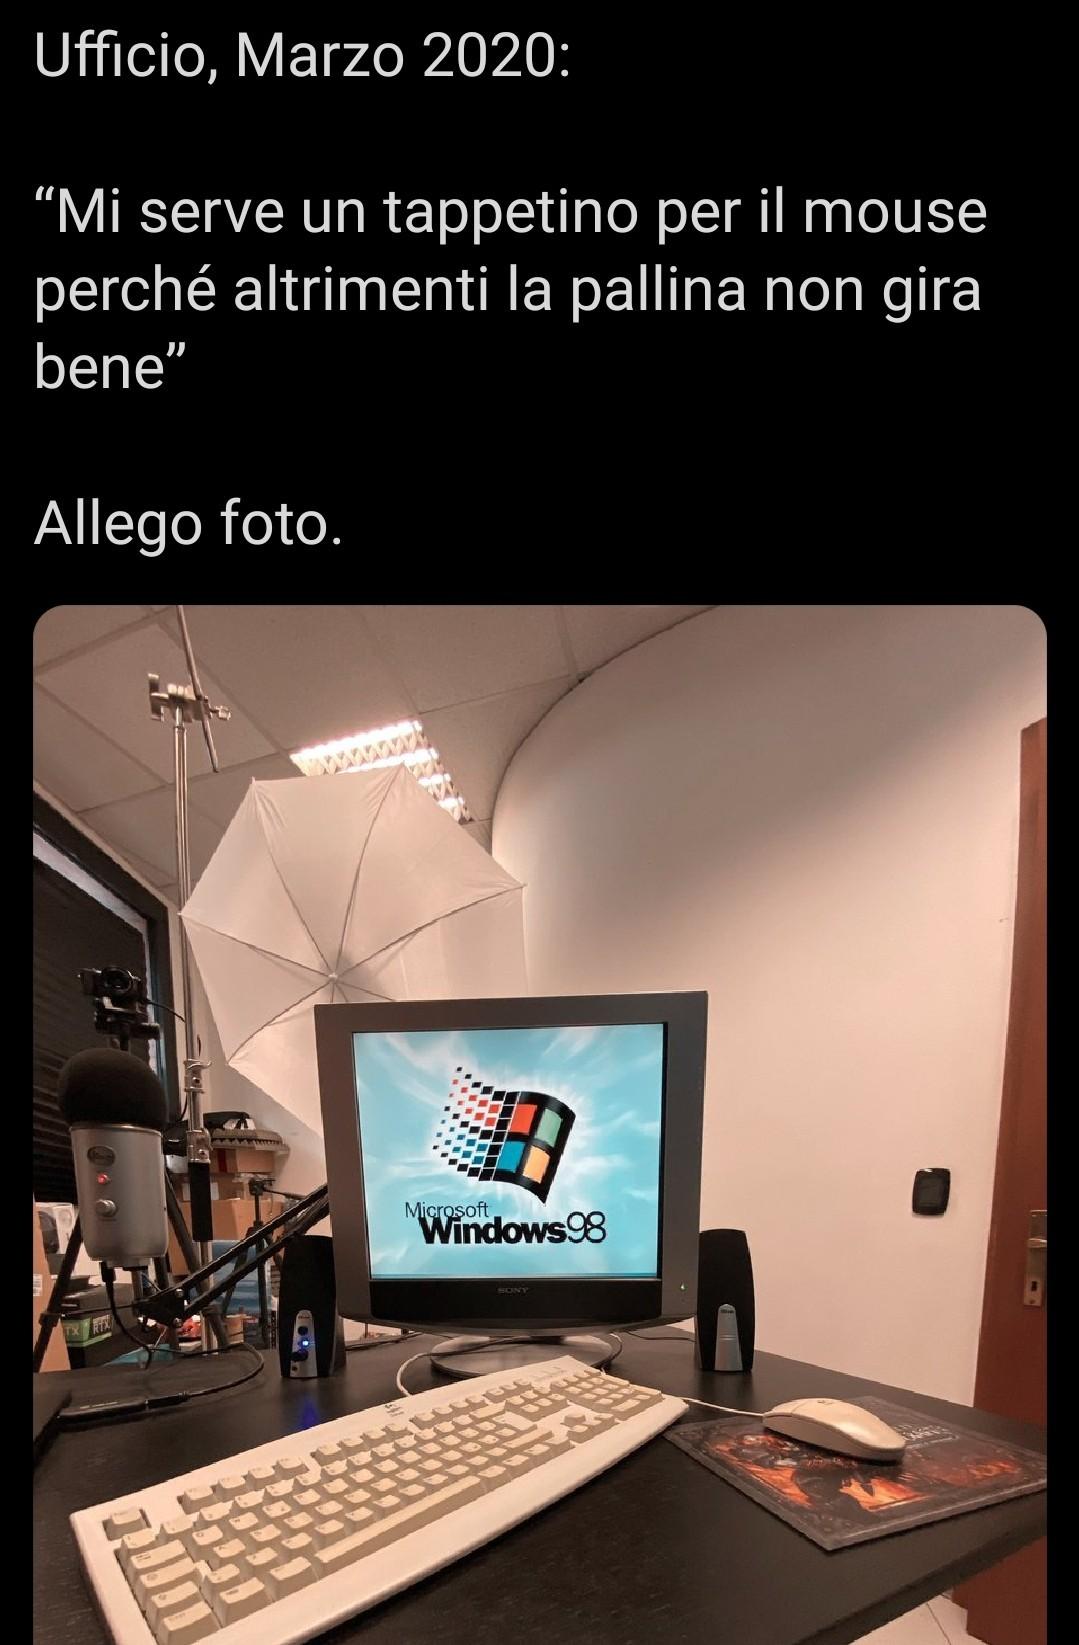 Windows 98 non lo batte nessuno - meme